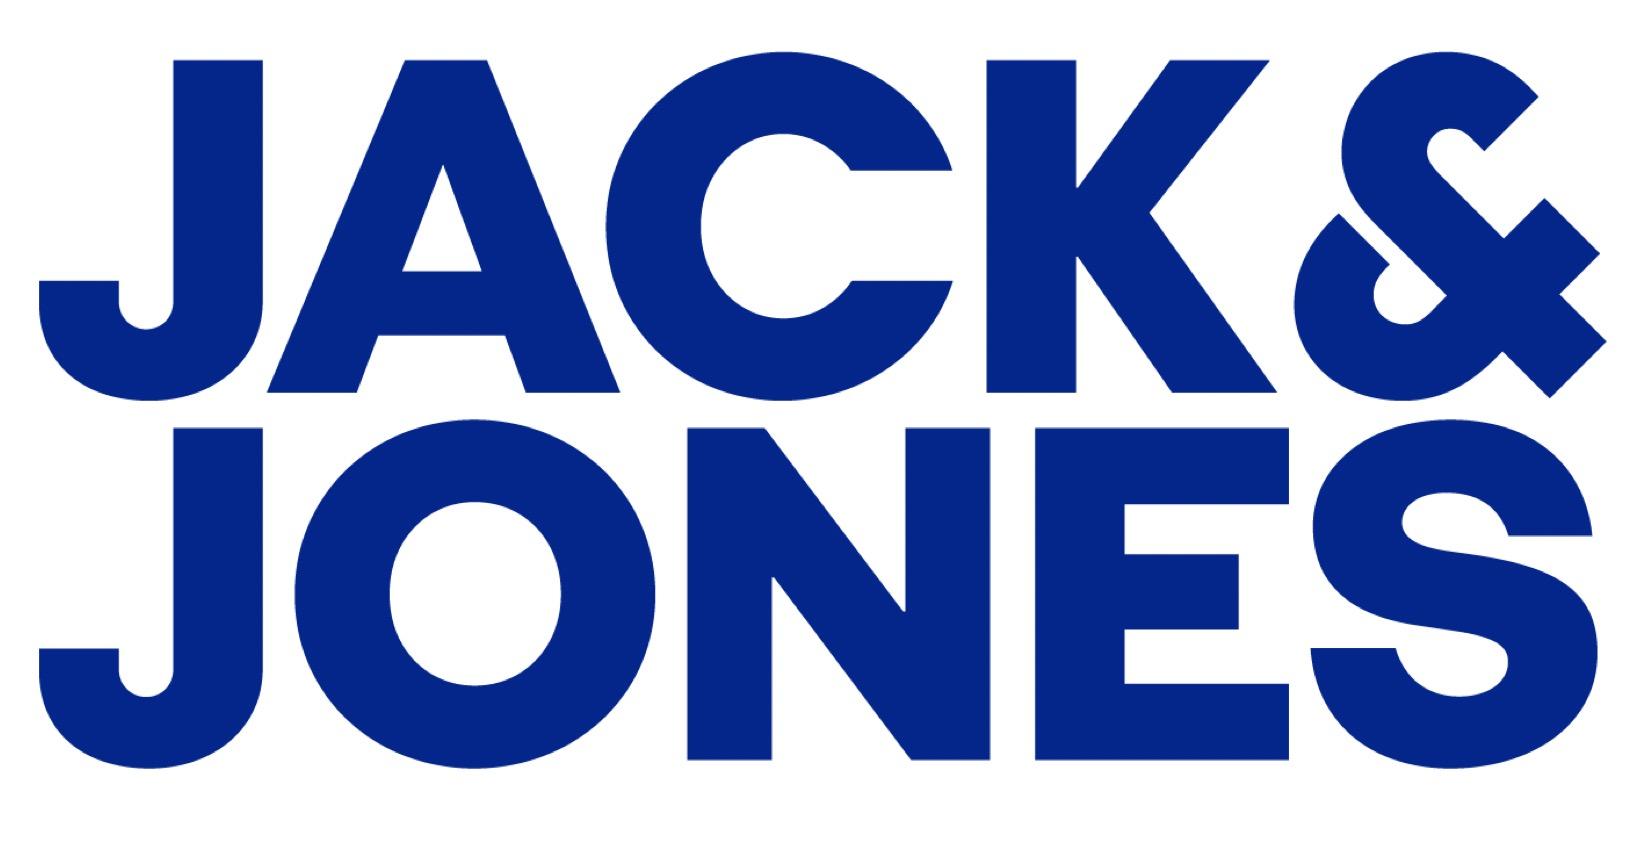 Code promo JACK & JONES : Livraison offerte en point relais ou à domicile dès 60€ d'achat